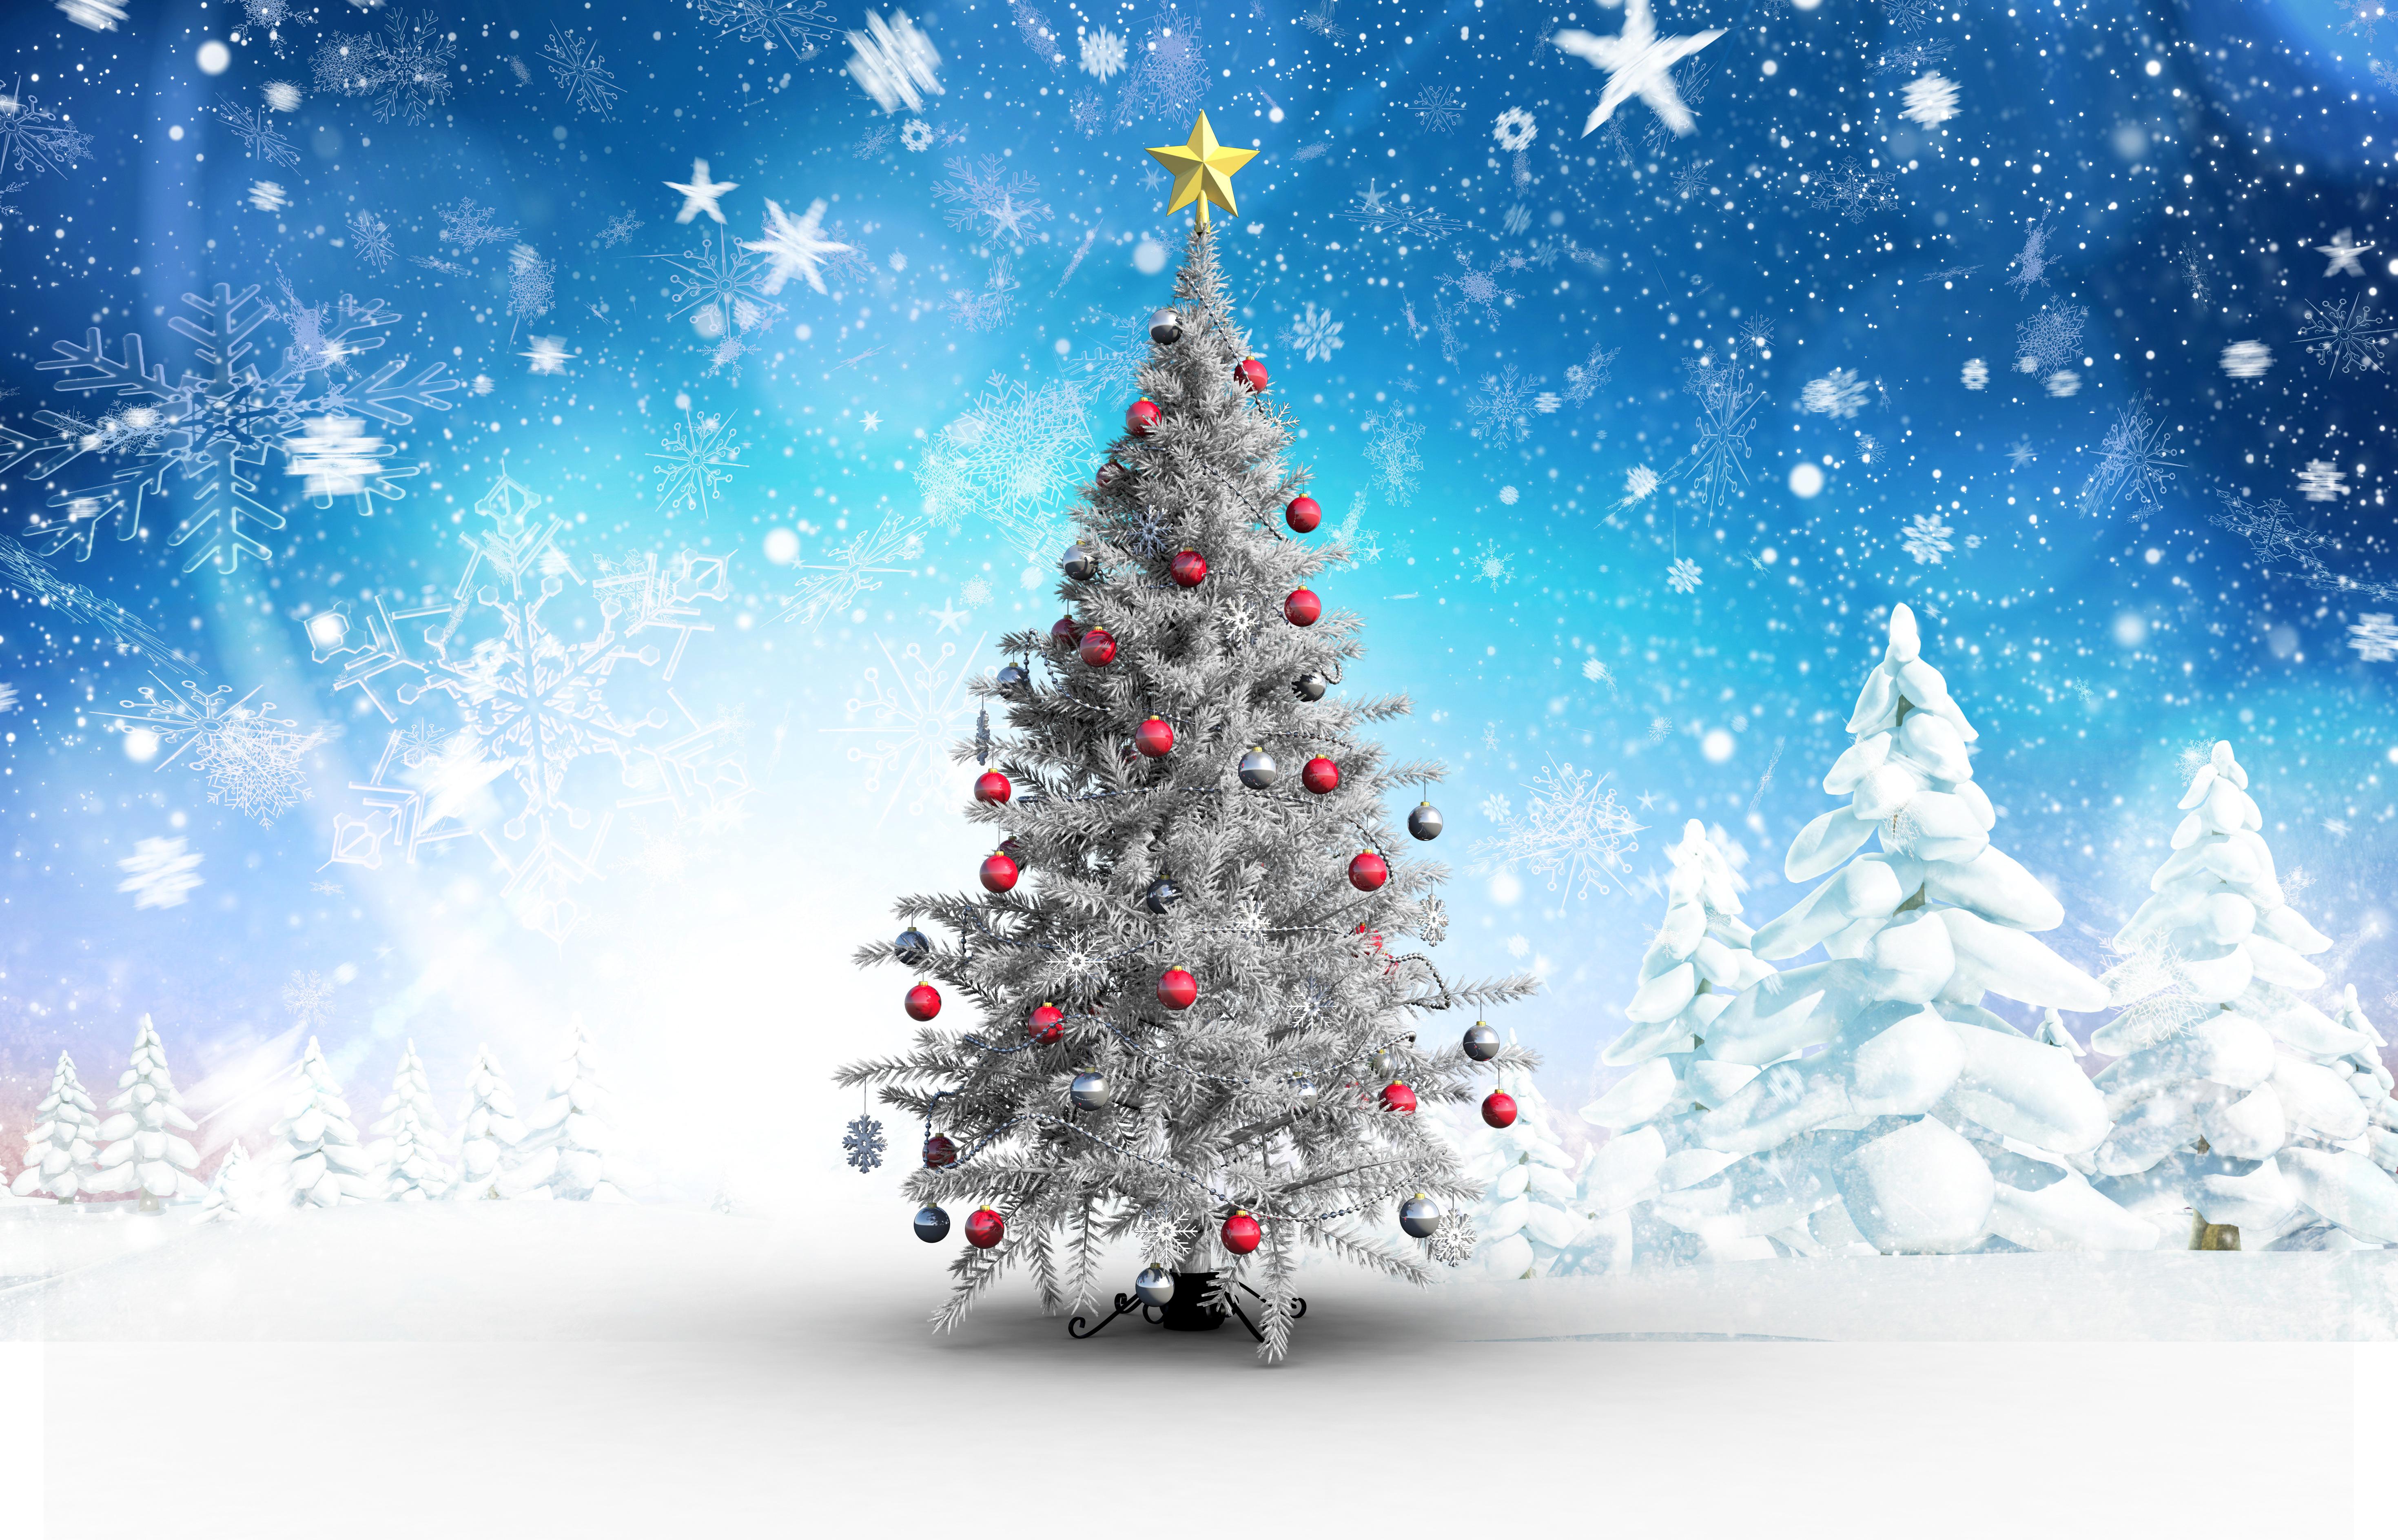 bilder von neujahr christbaum schneeflocken schnee kugeln. Black Bedroom Furniture Sets. Home Design Ideas